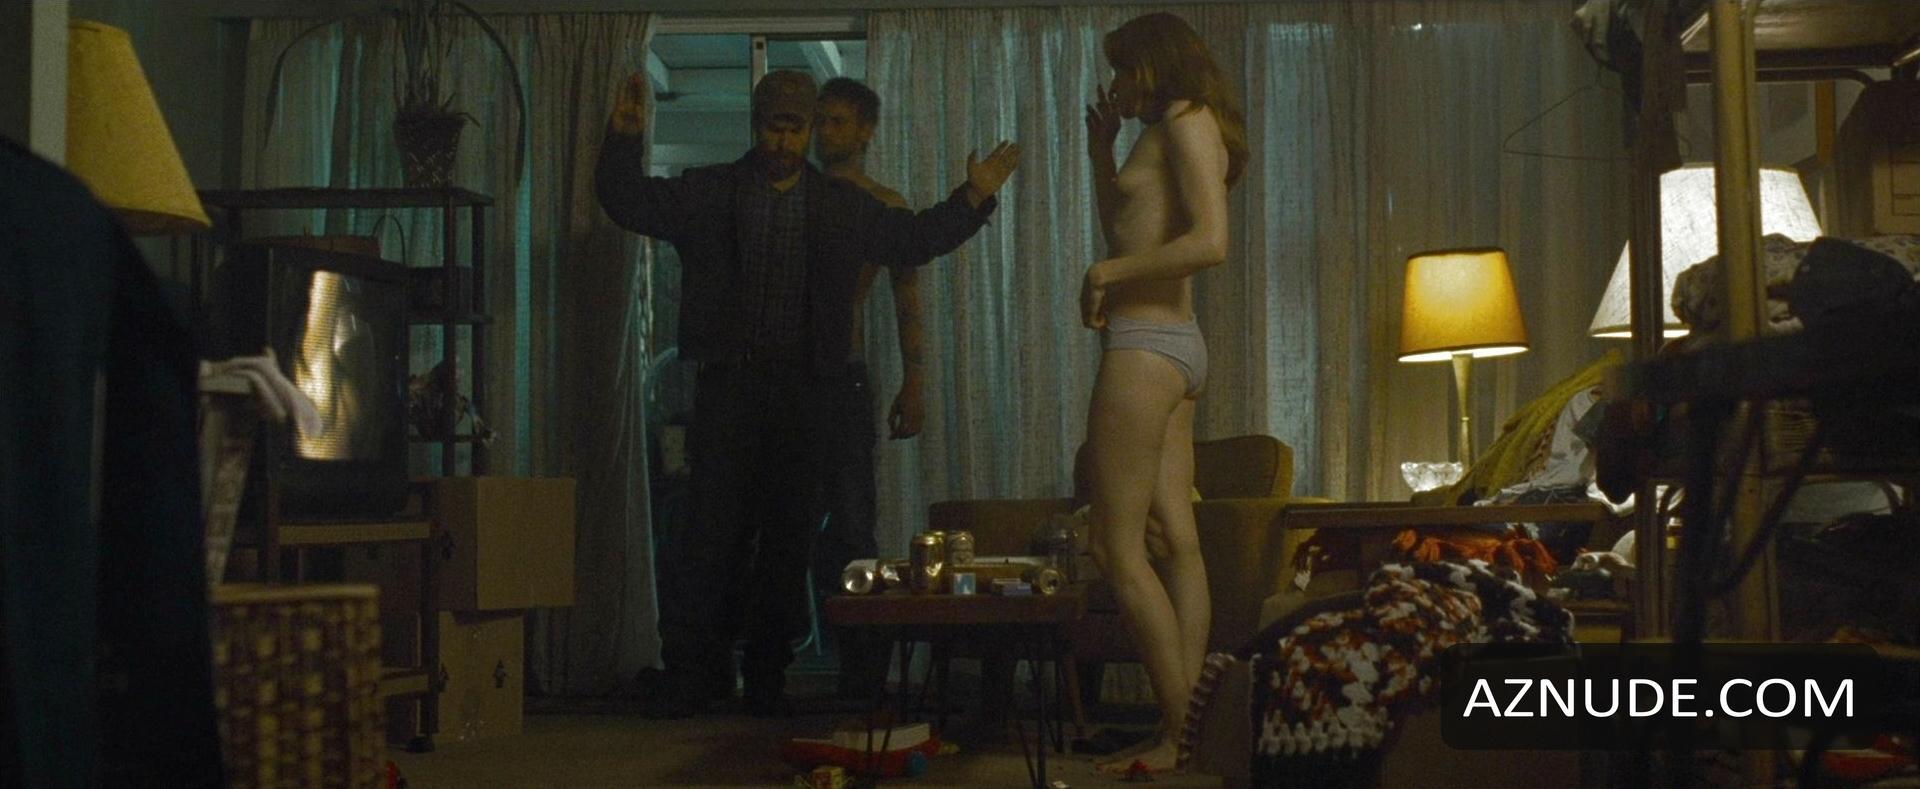 A Single Shot Nude Scenes - Aznude-4152